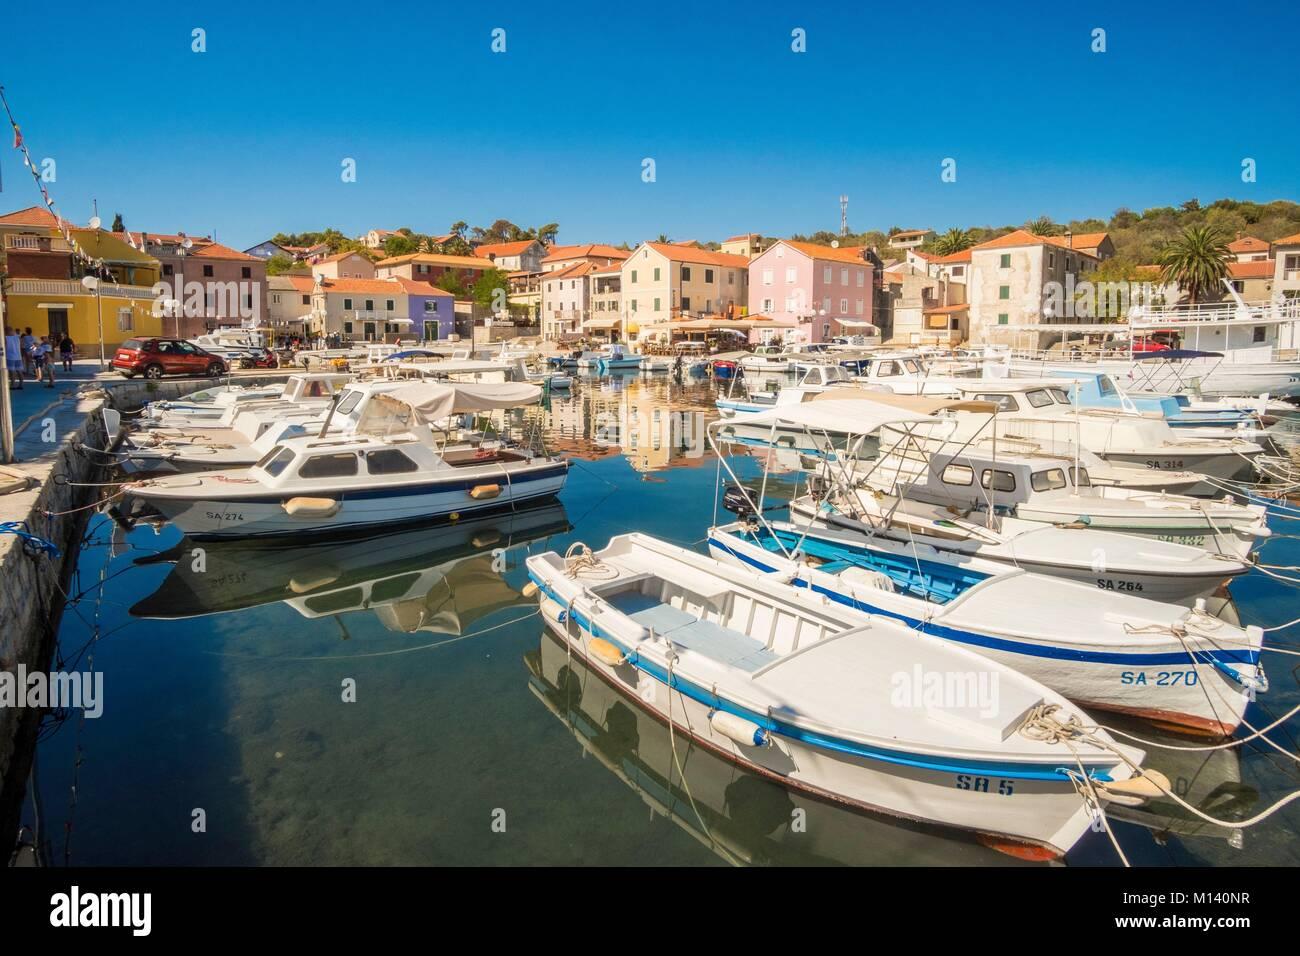 Croatia, North Dalmatia, Dalmatian coast, Zadar archipelago, Dugi Otok Island, Sali village - Stock Image